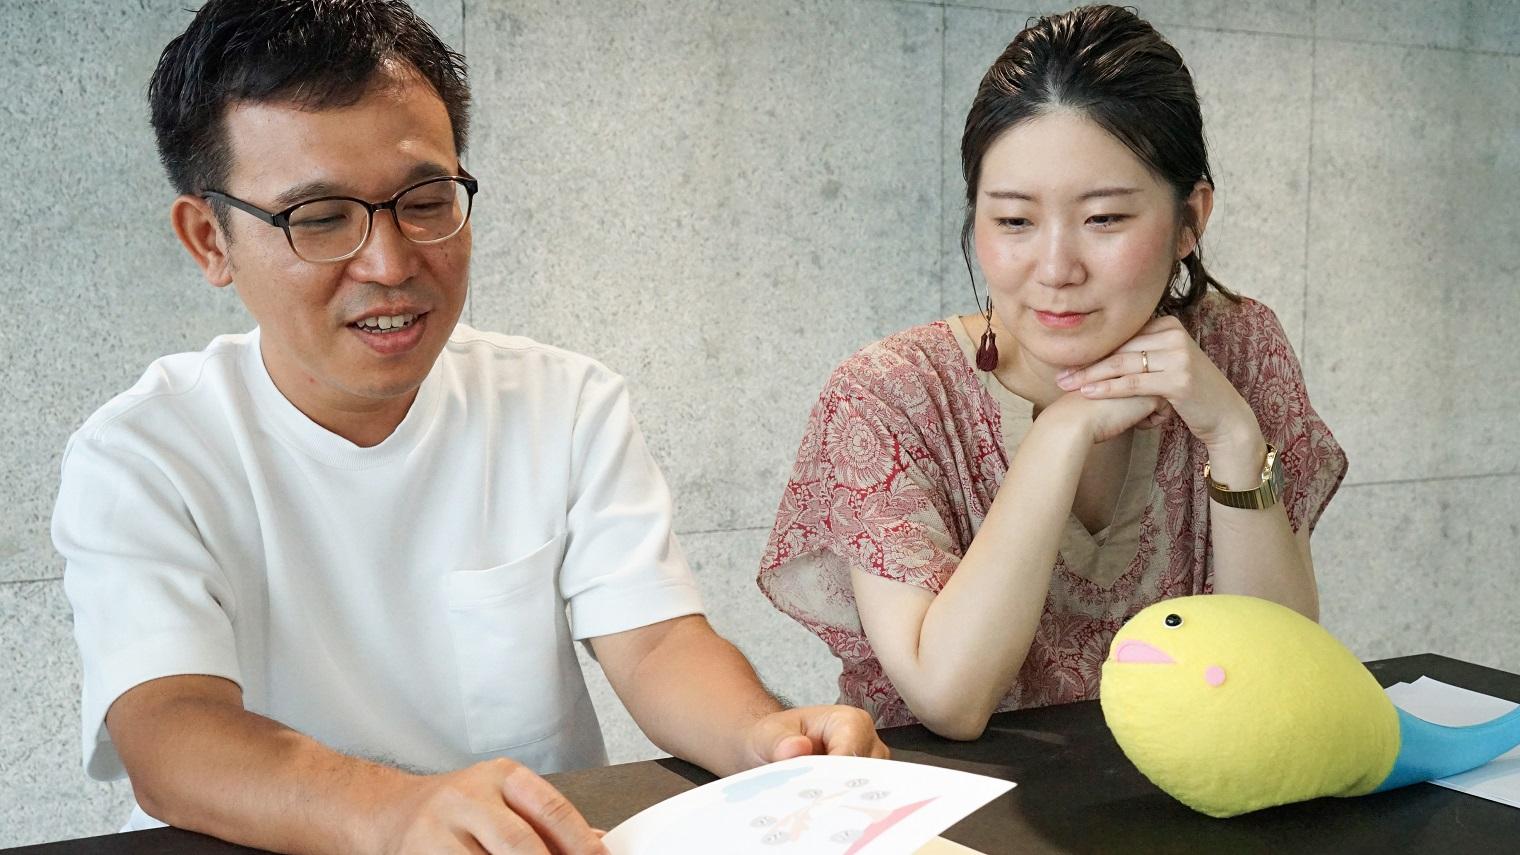 コミュニケーションデザインを担当した城ヶ野と鈴木